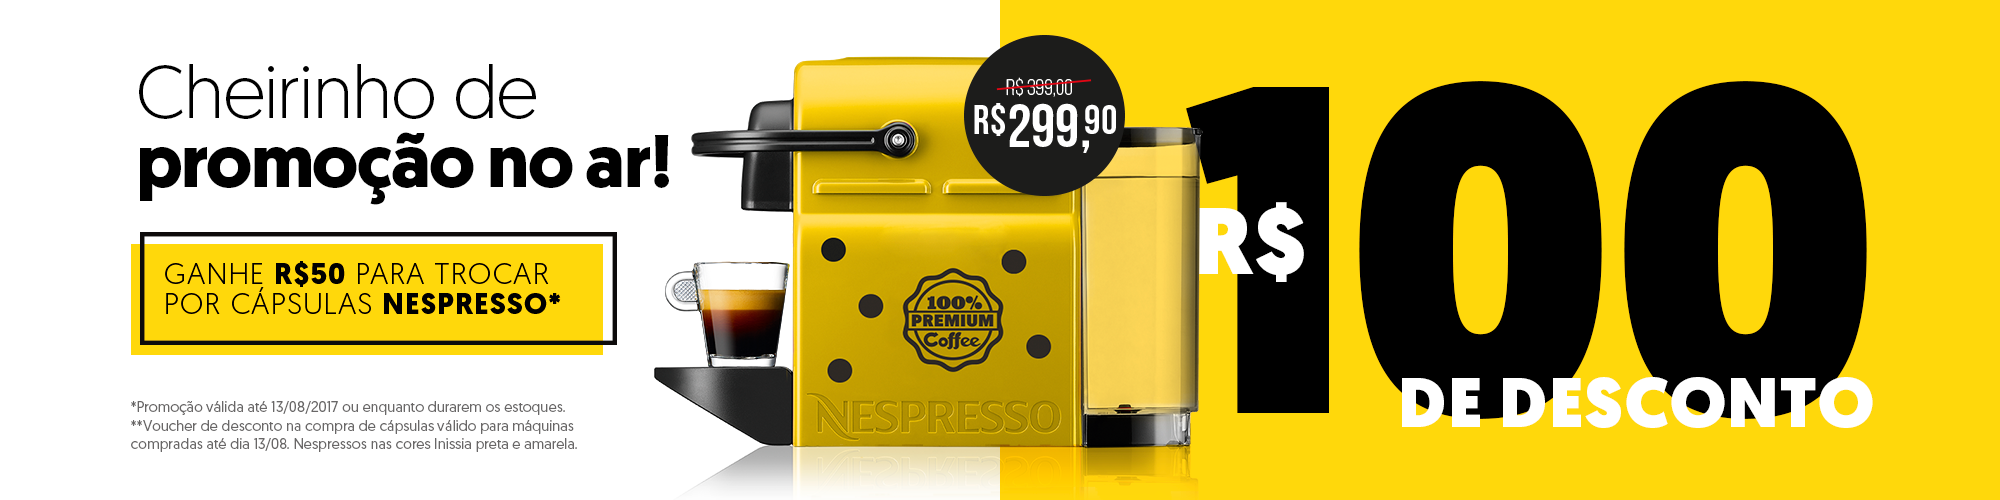 A - Nespresso